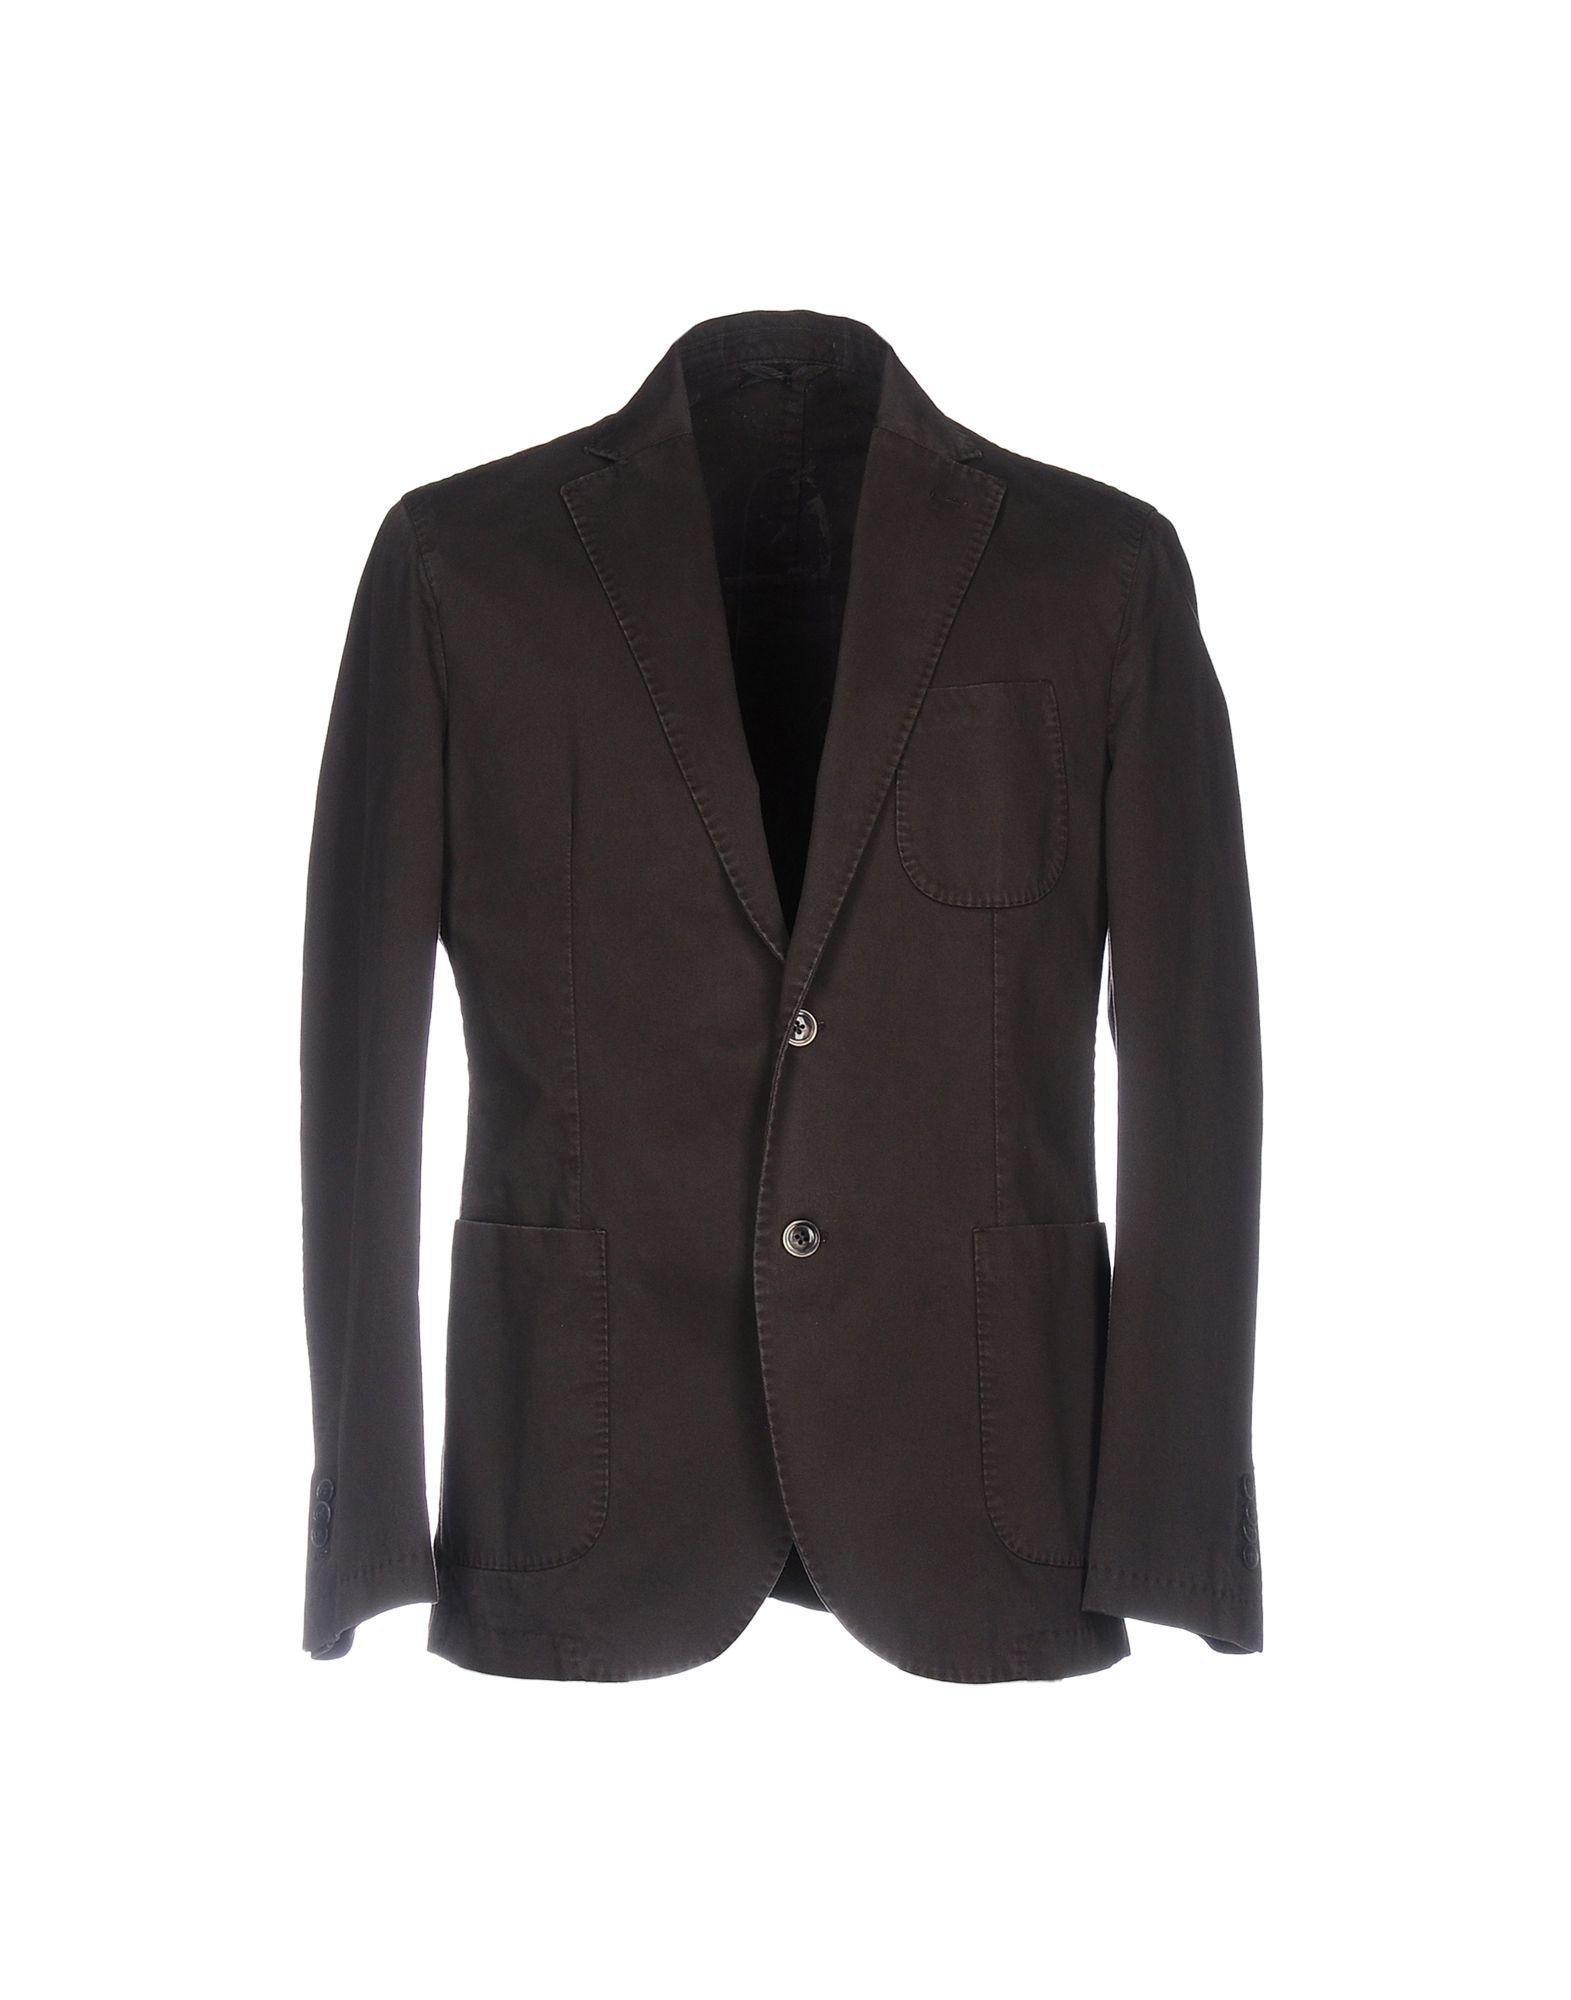 《送料無料》LUIGI BIANCHI ROUGH メンズ テーラードジャケット ブラウン 58 コットン 100%